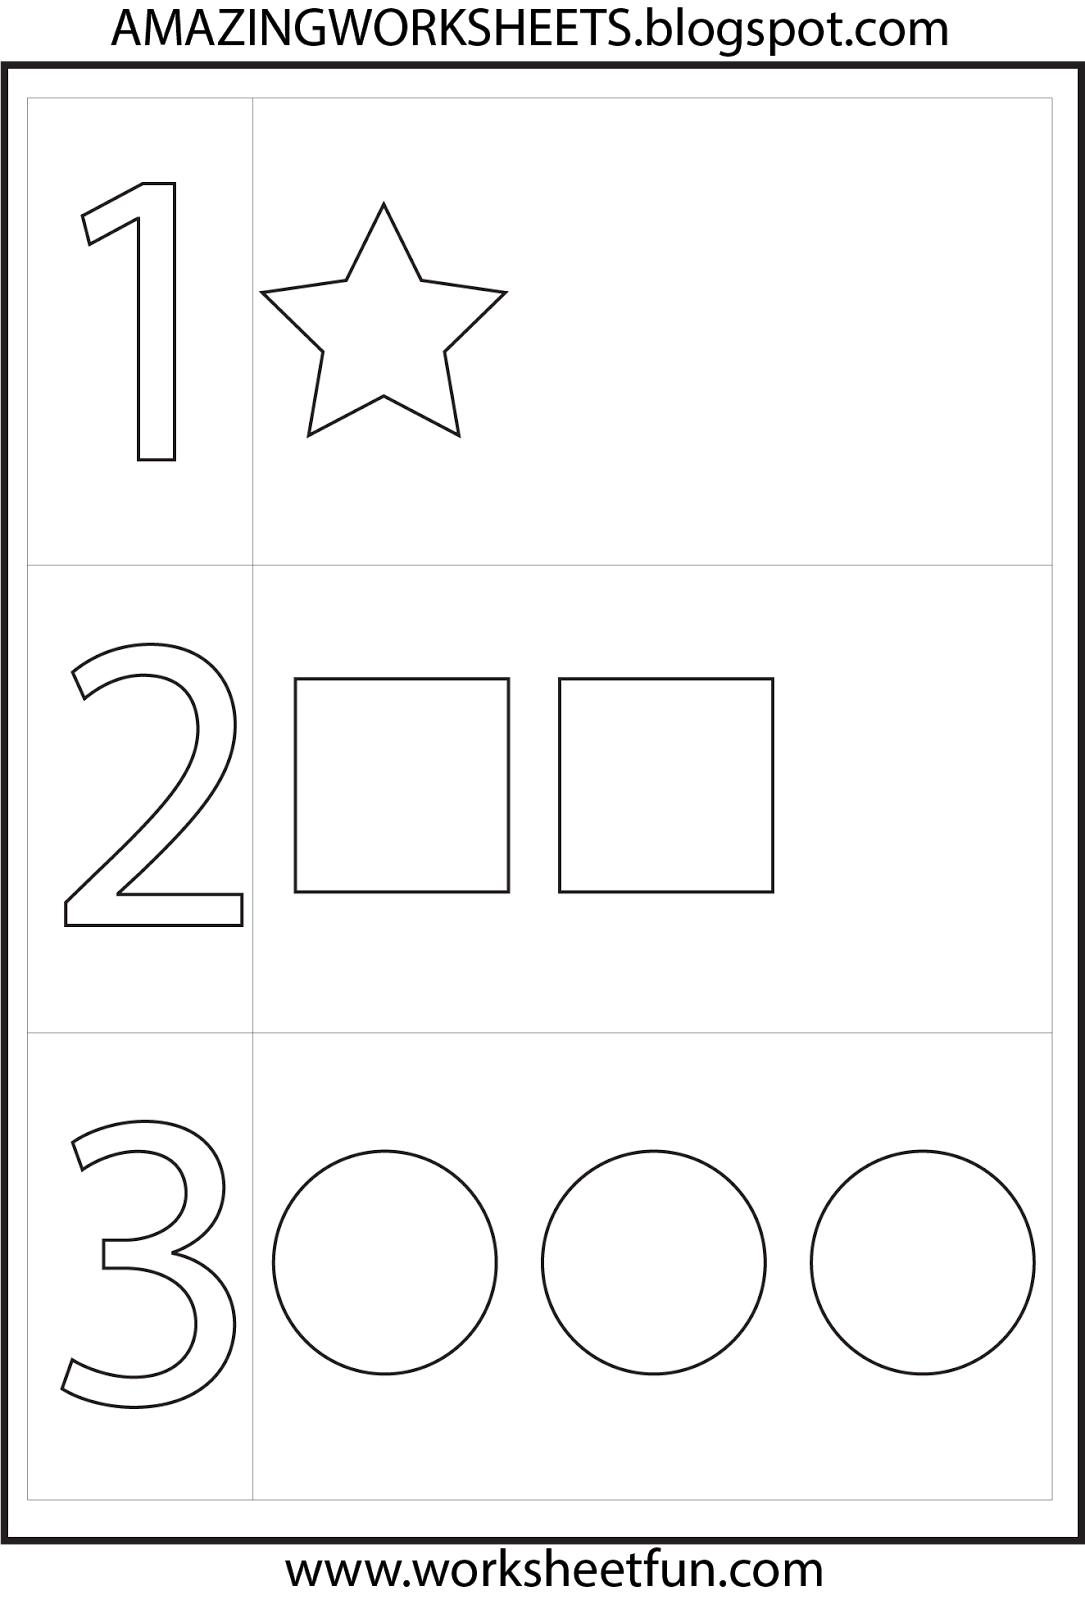 Worksheetfun - FREE PRINTABLE WORKSHEETS   Numbers preschool [ 1600 x 1085 Pixel ]